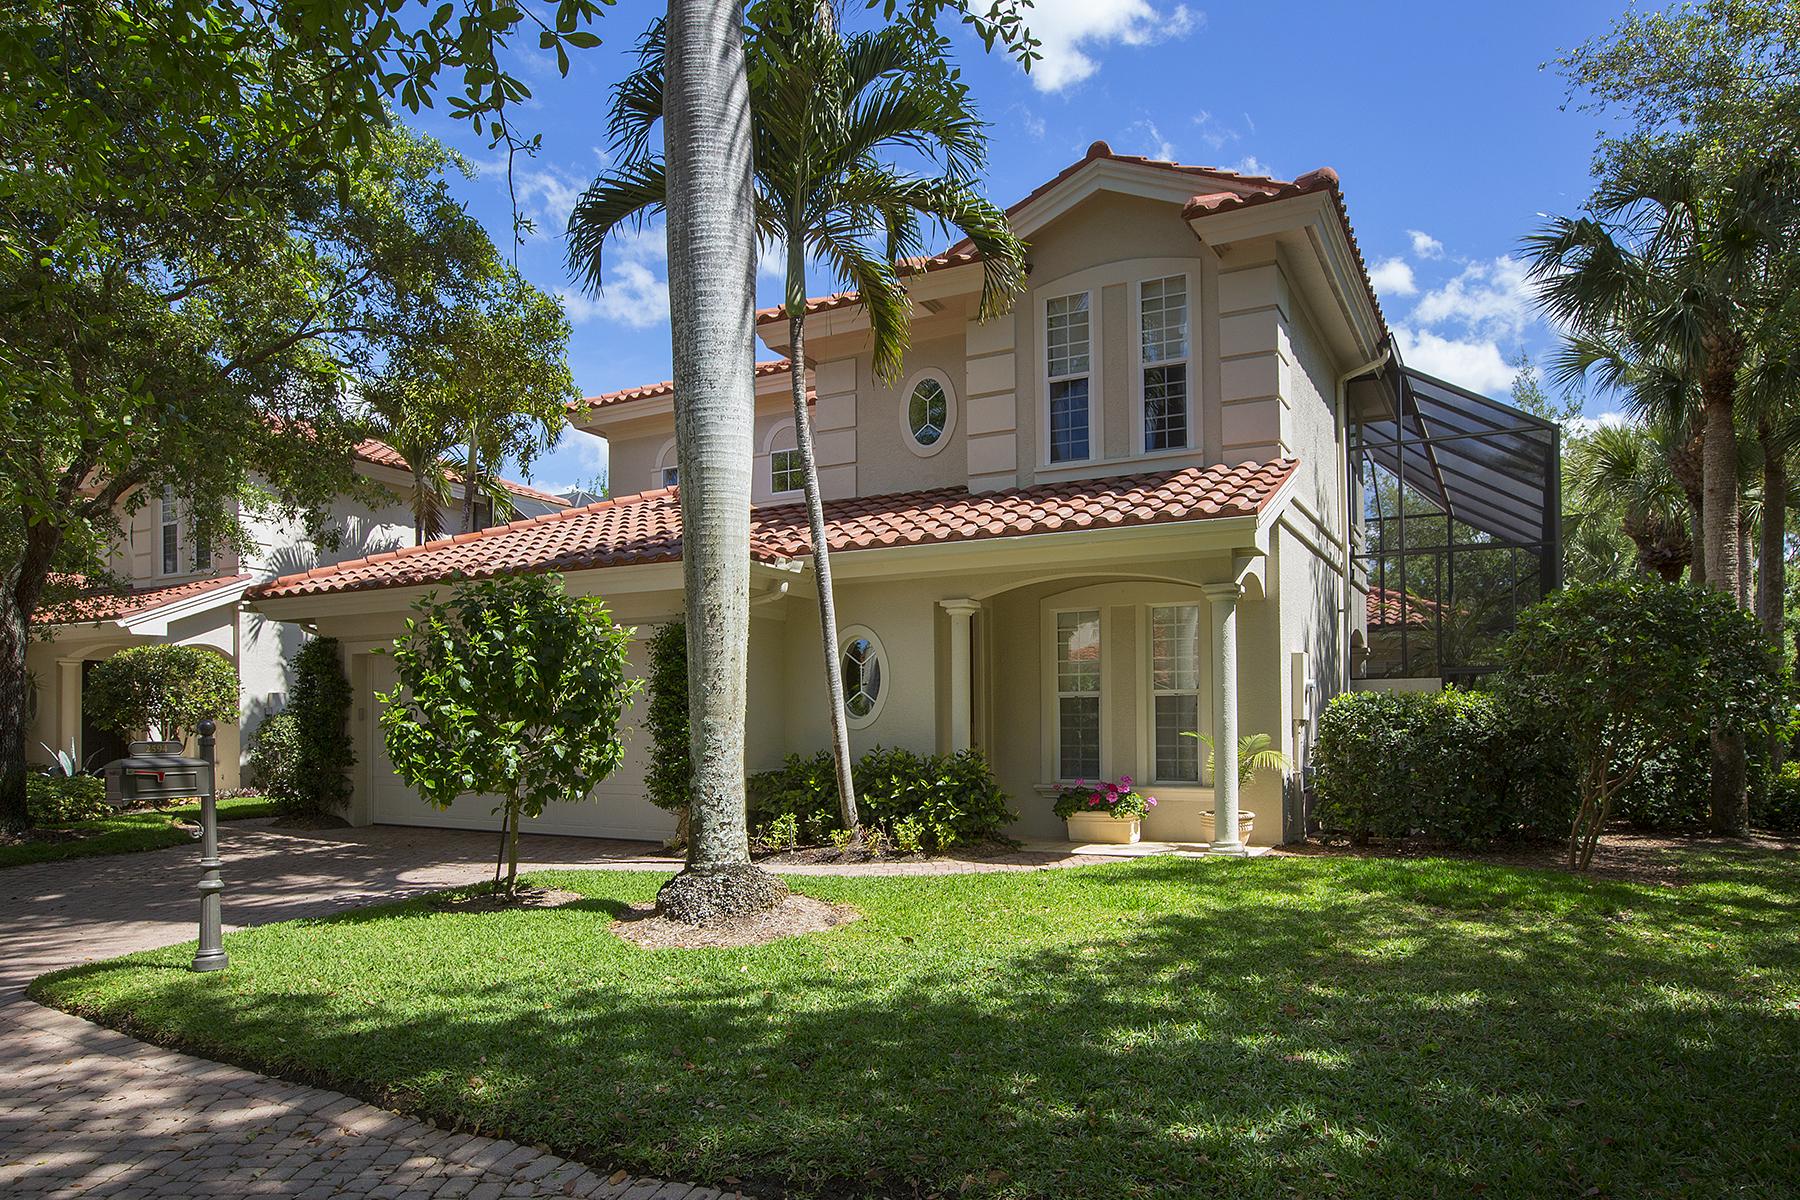 Maison unifamiliale pour l Vente à 2594 Lermitage Ln , Naples, FL 34105 2594 Lermitage Ln Naples, Florida, 34105 États-Unis